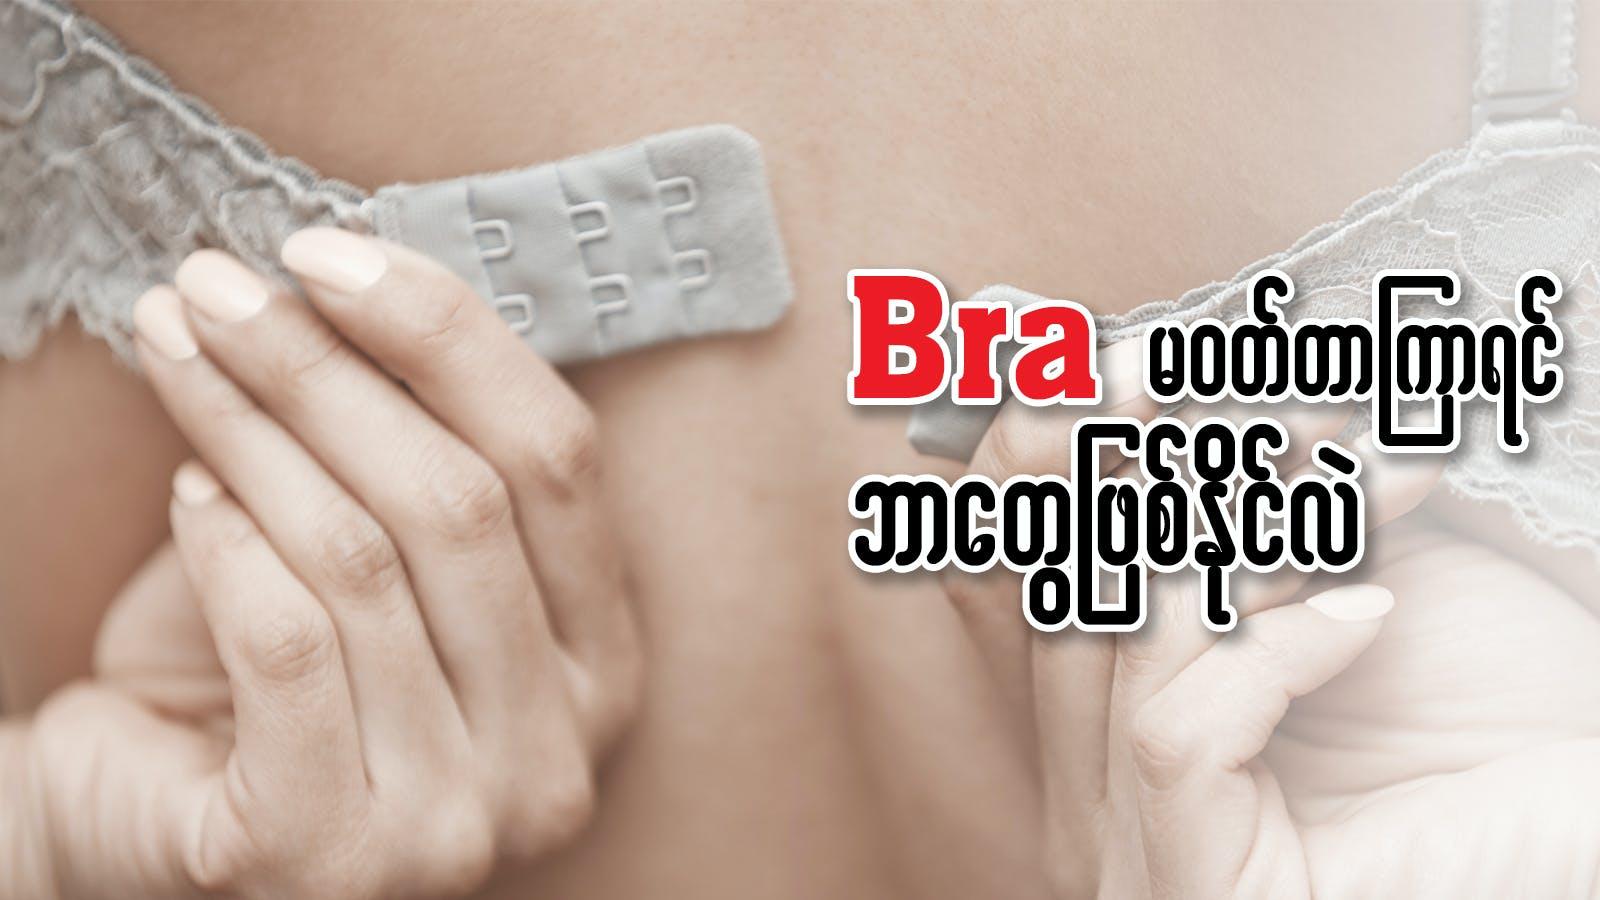 Bra ဝတ်ခြင်း မဝတ်ခြင်းက ဘာတွေ ဖြစ်နိုင်လဲ